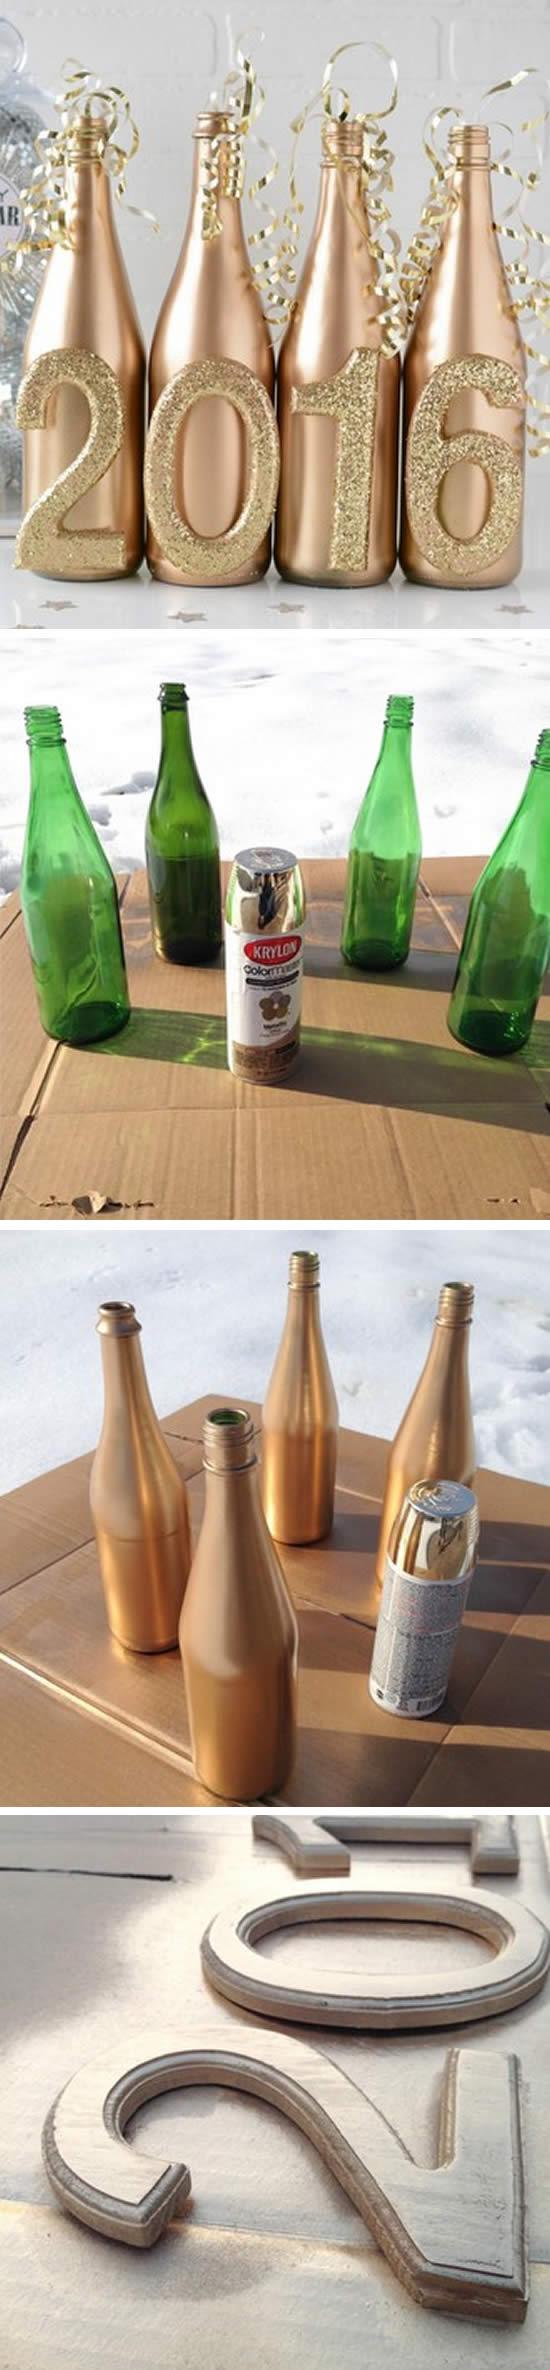 Passo a passo de decoração com garrafas